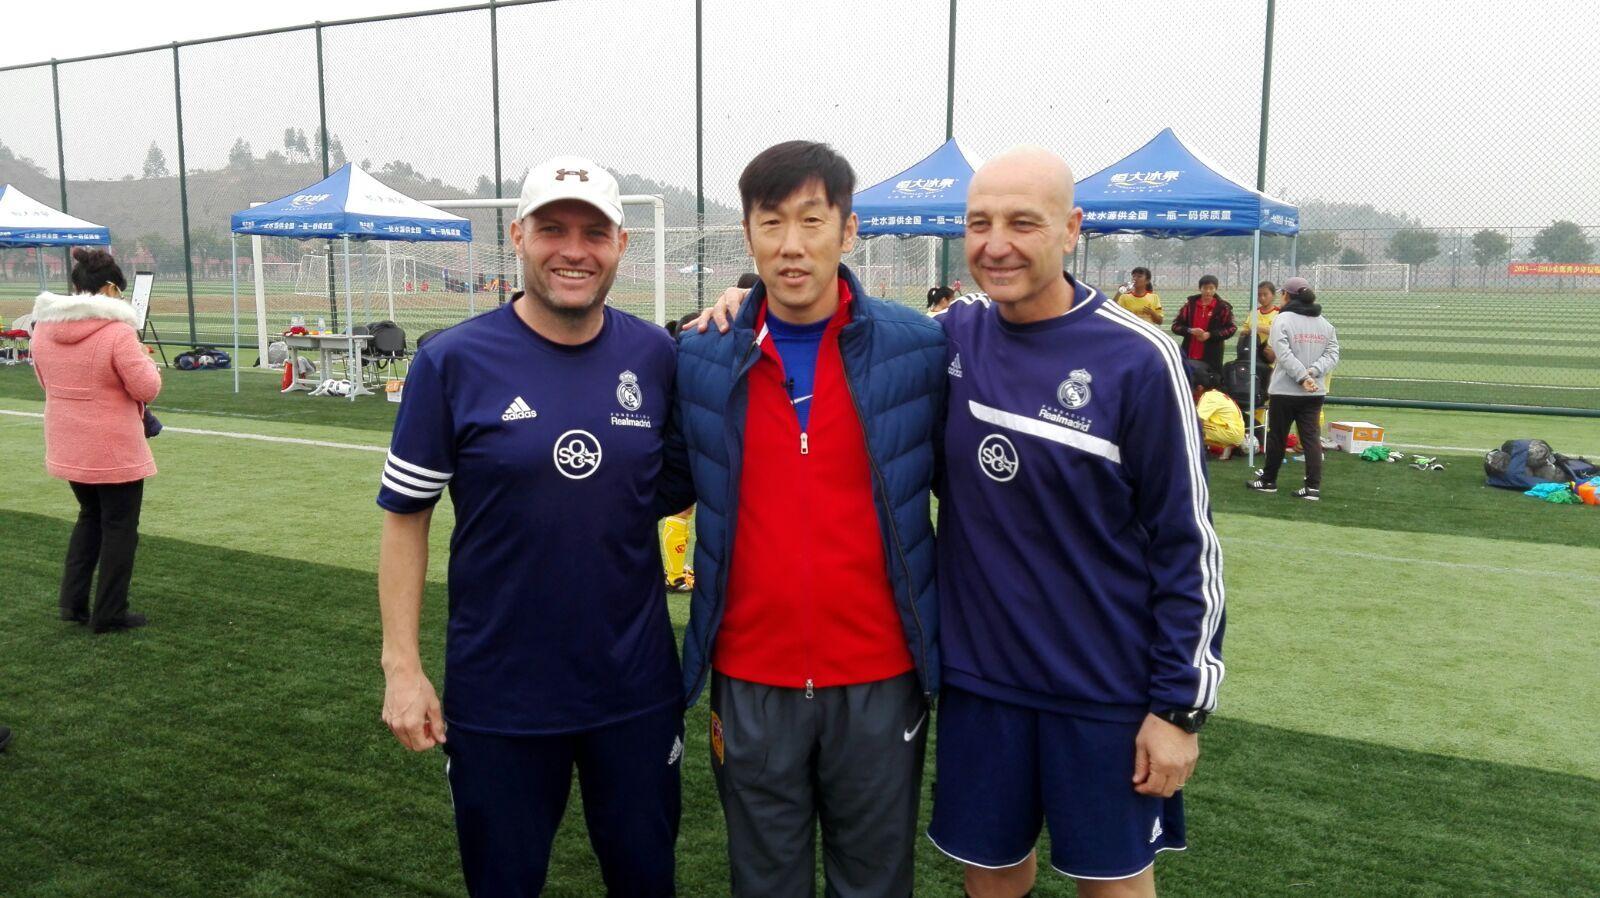 Juan Carlos Margo Olivia 2 Sarawak United Gugurkan Jurulatih Sepanyol Selepas 3 Perlawanan Persahabatan